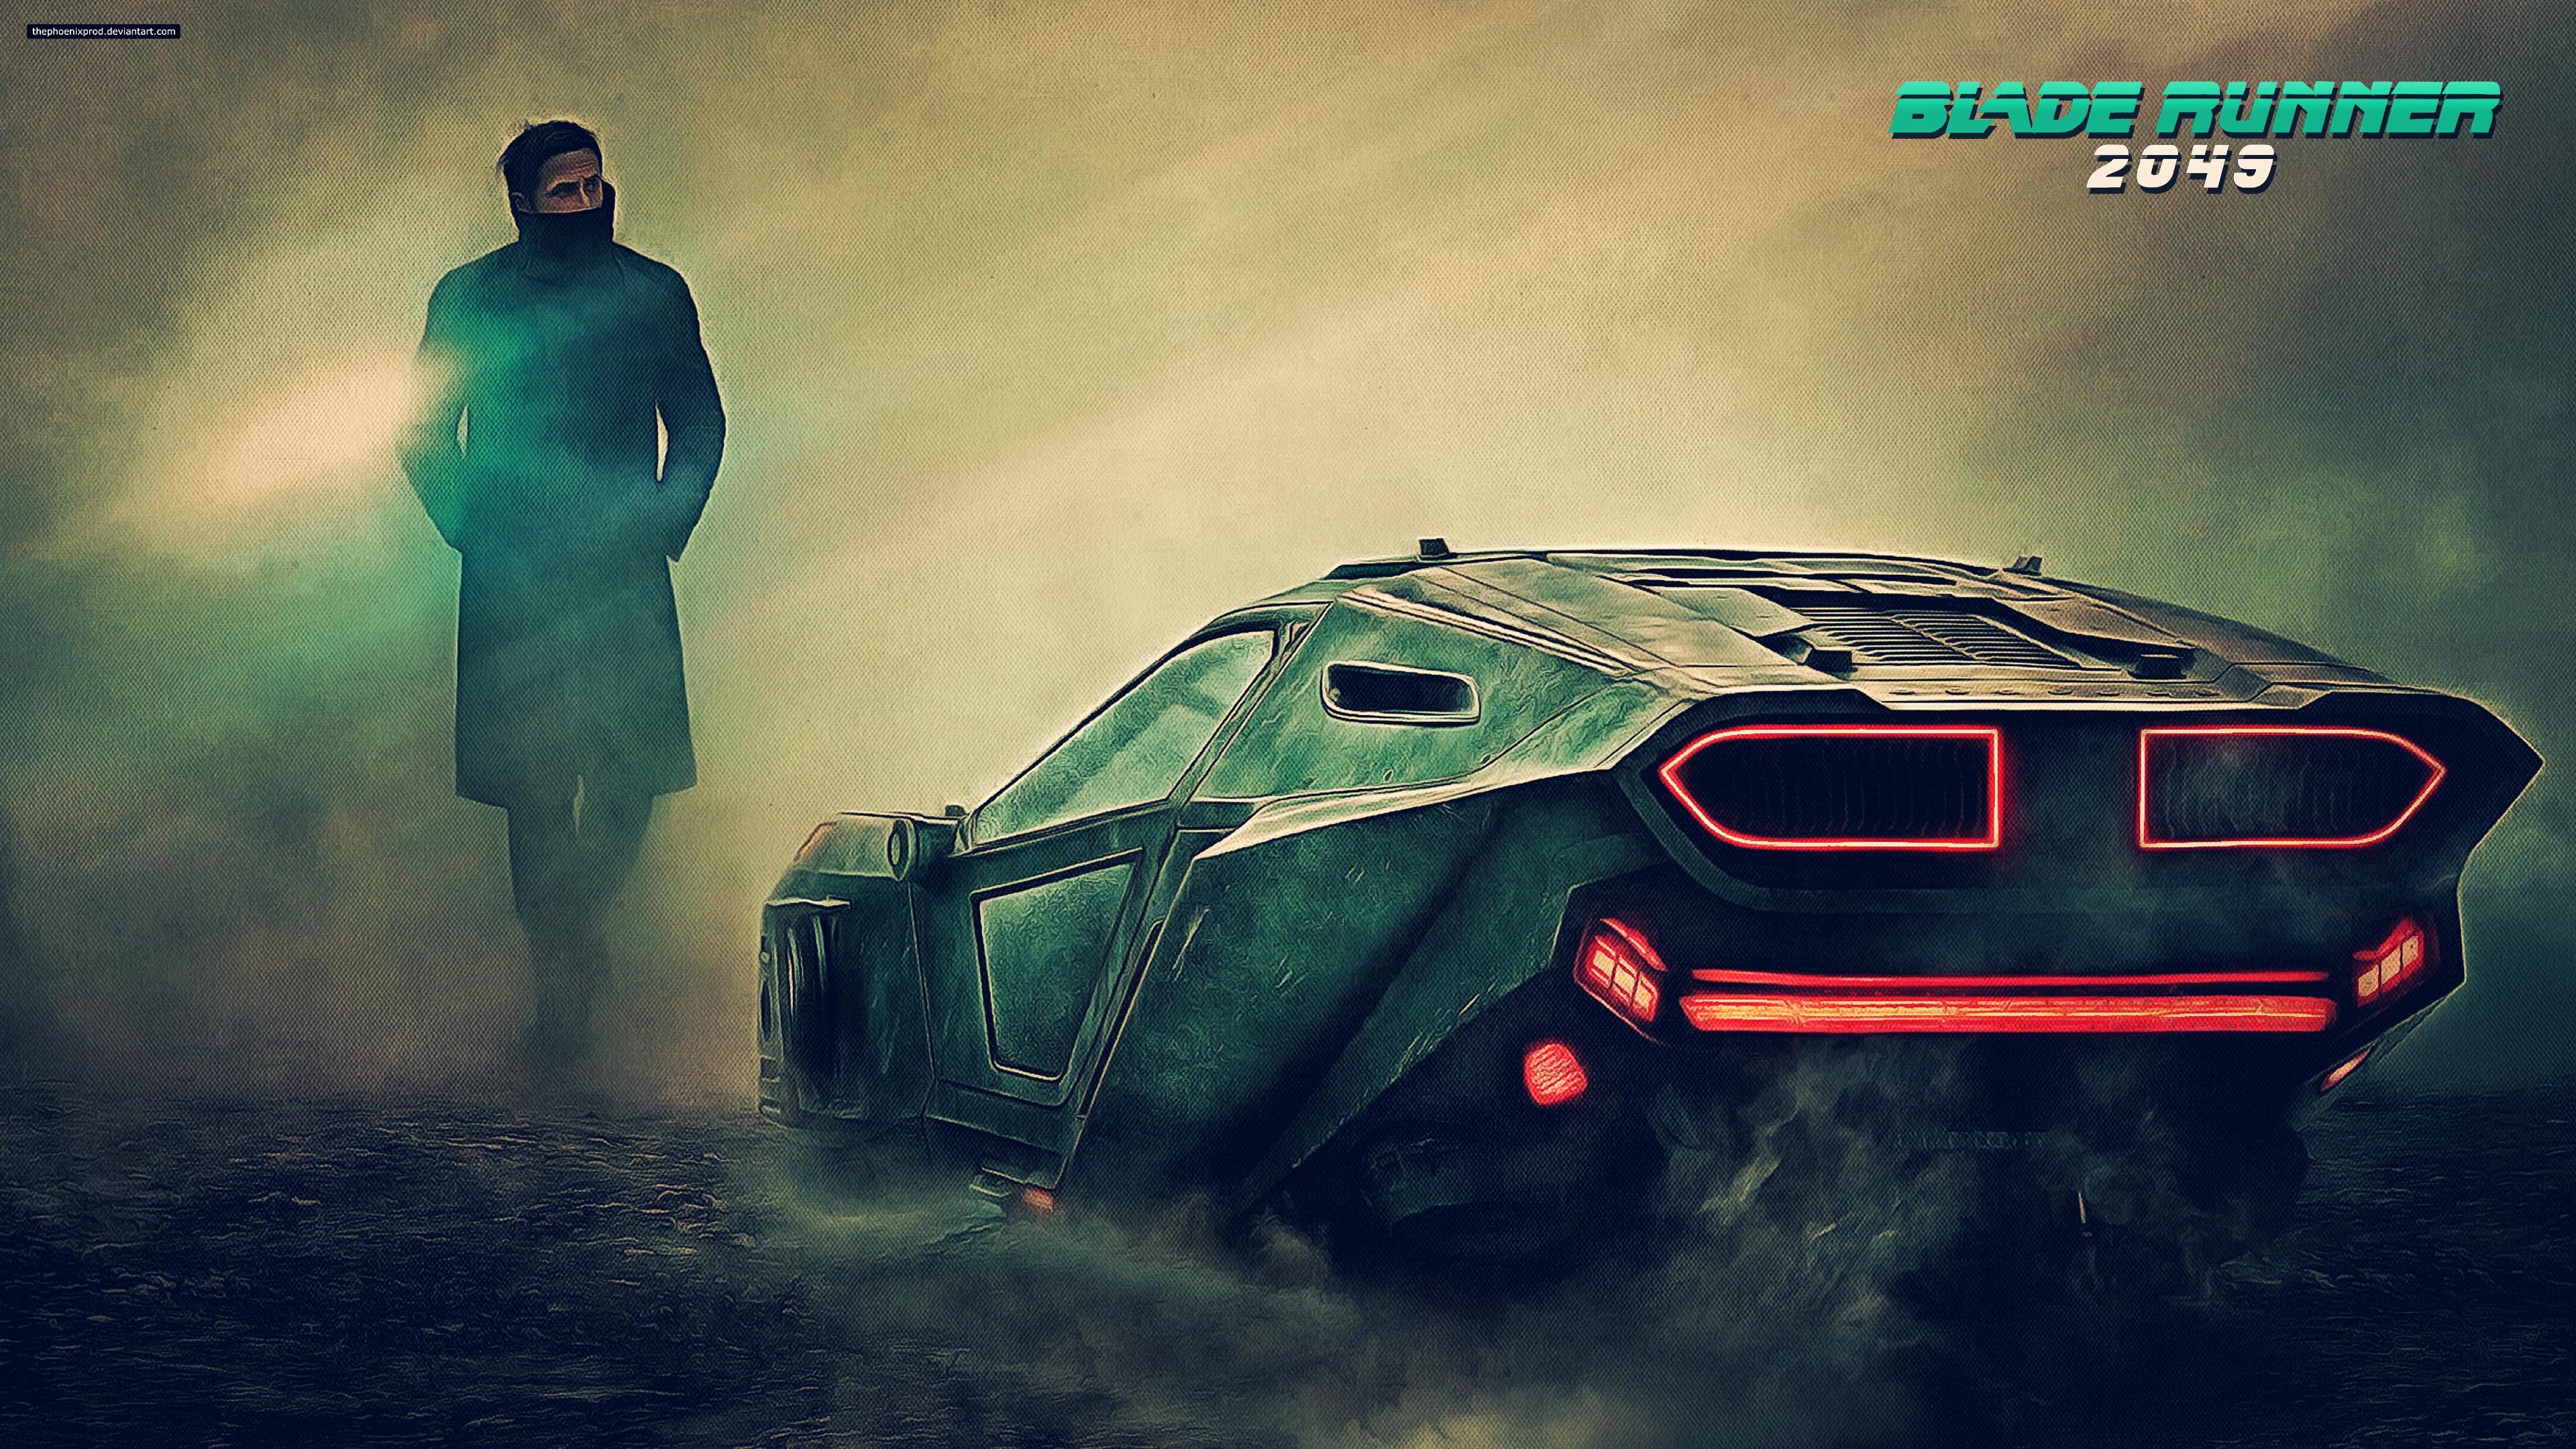 Blade Runner 2049 Wallpaper 4k By Thephoenixprod On Deviantart